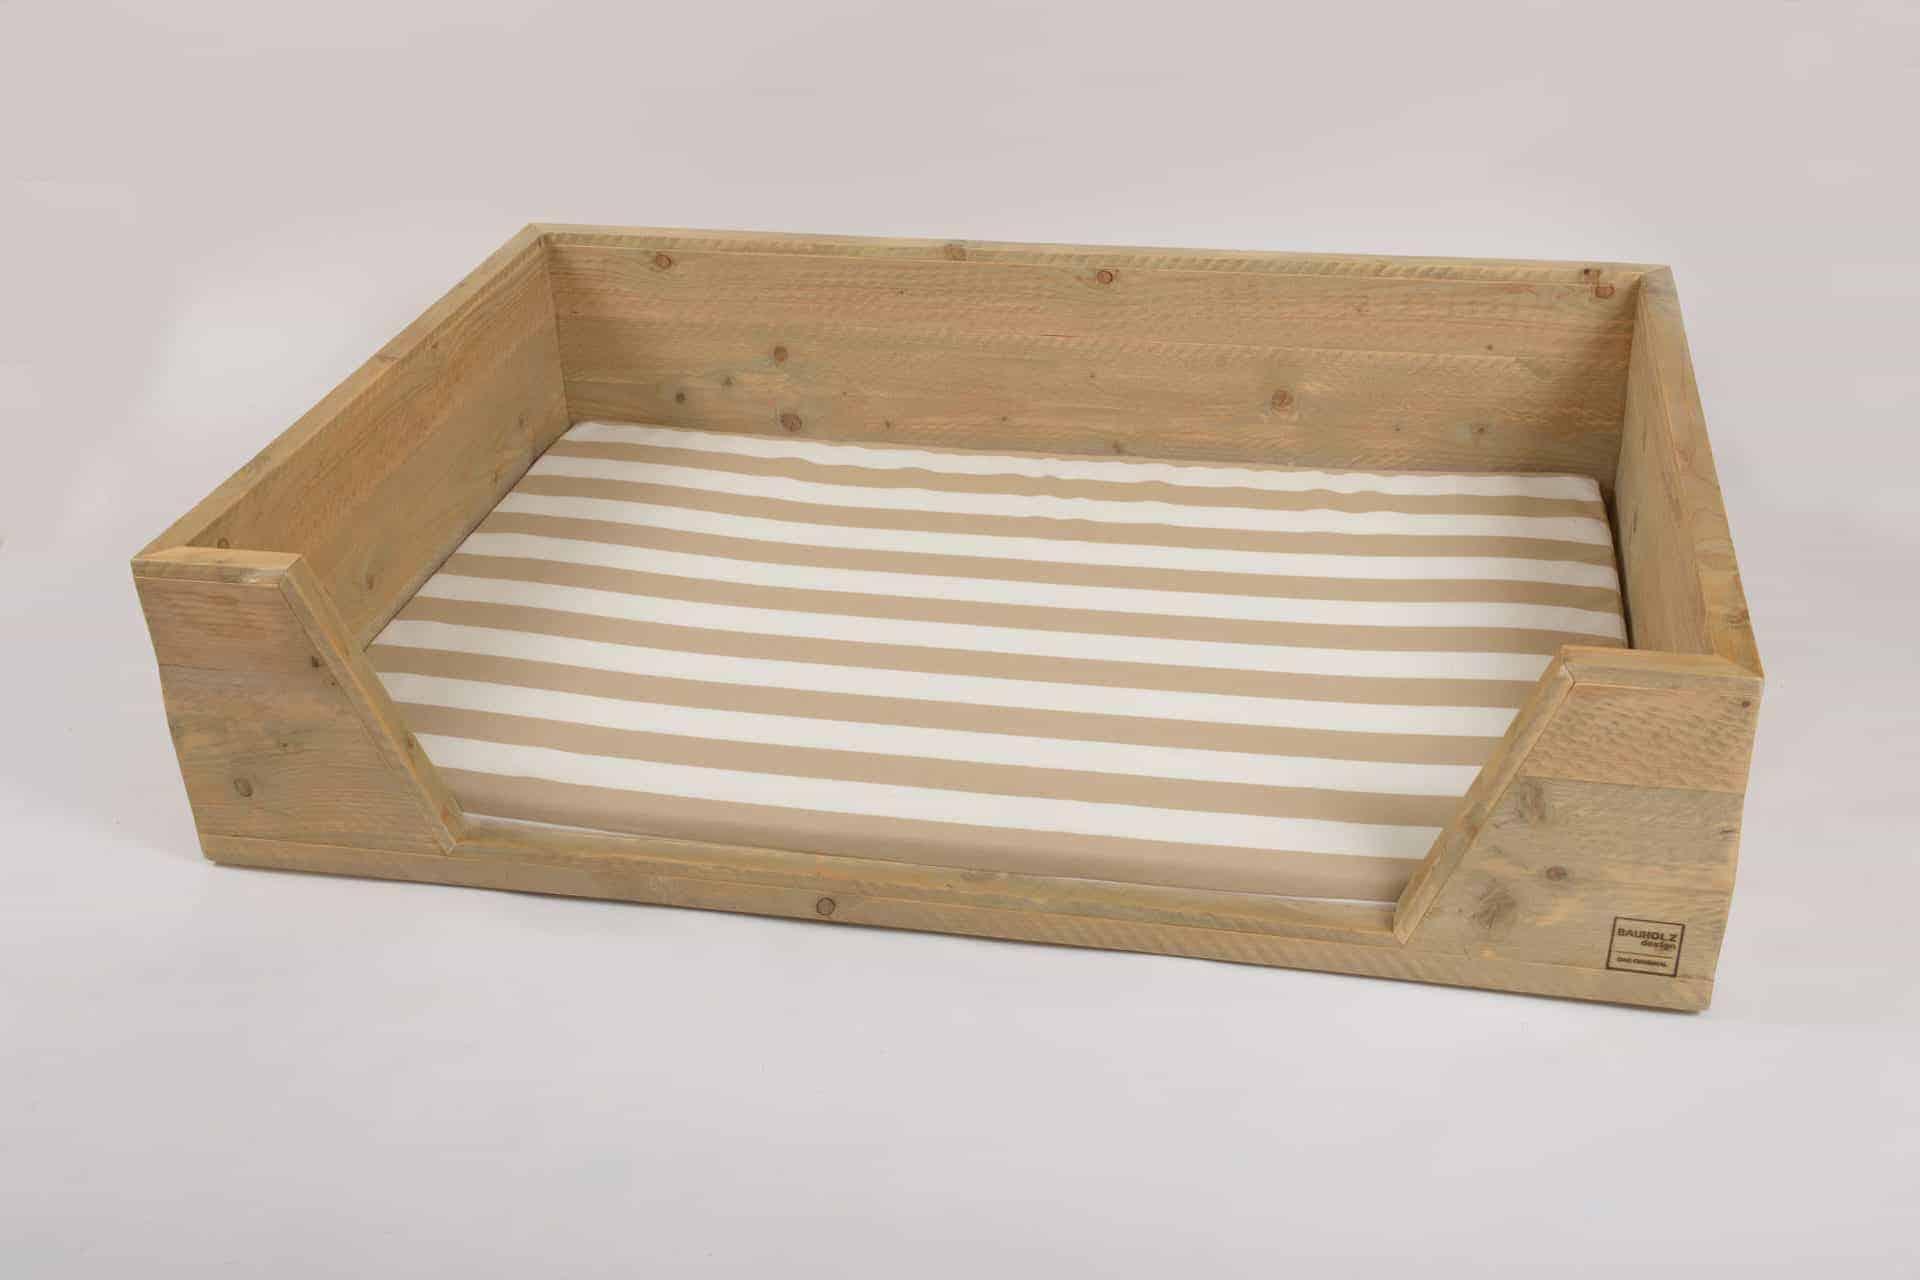 Hundebett Aus Holz : hundebett aus holz ein meisterst ck klarer formensprache ~ Watch28wear.com Haus und Dekorationen